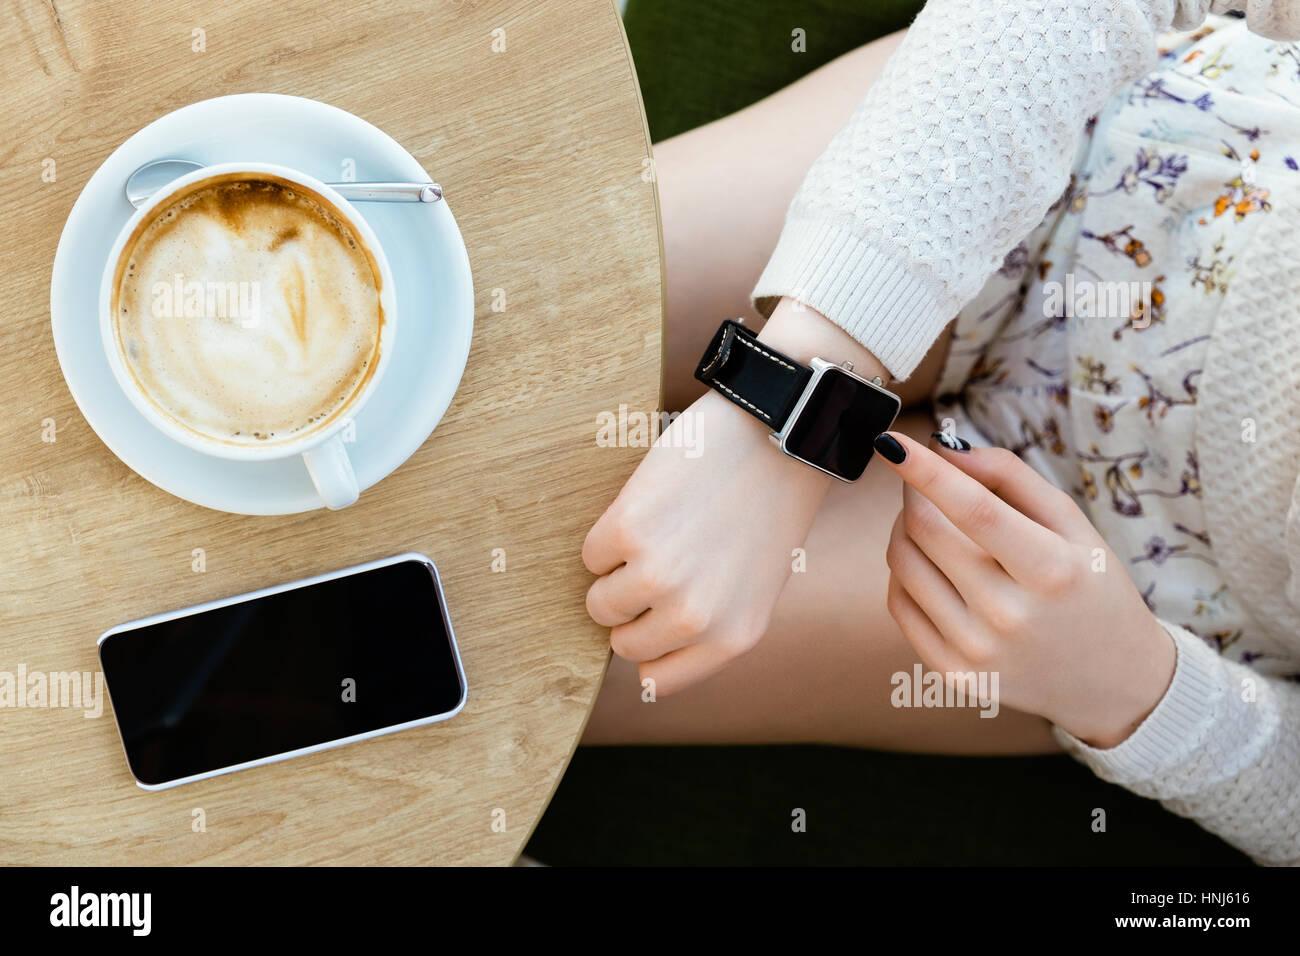 Tazza di caffè, guardare e il telefono cellulare Immagini Stock